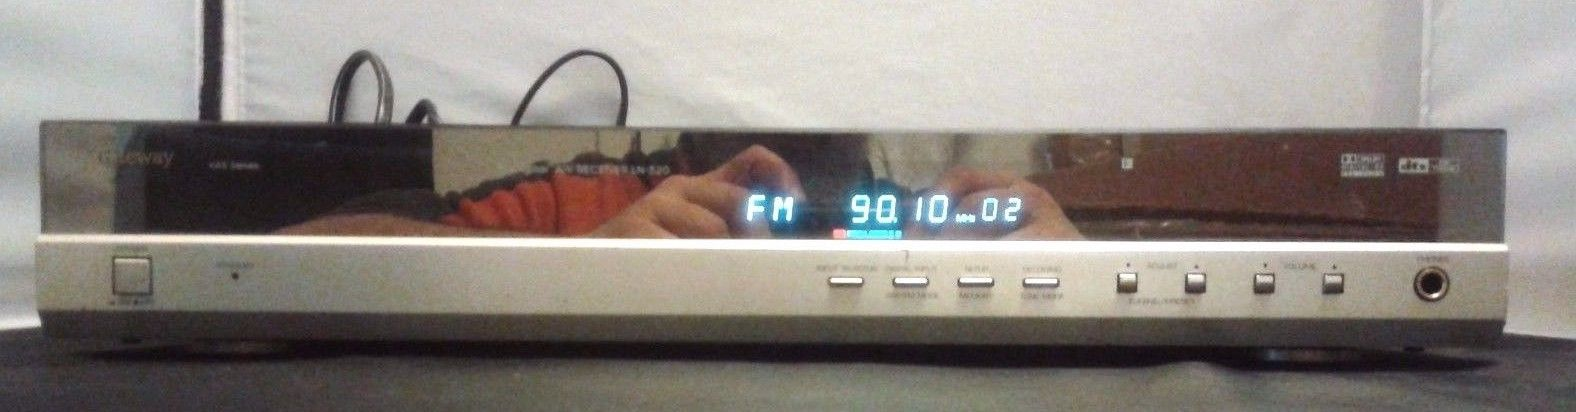 Gateway LN-520 AM FM receiver